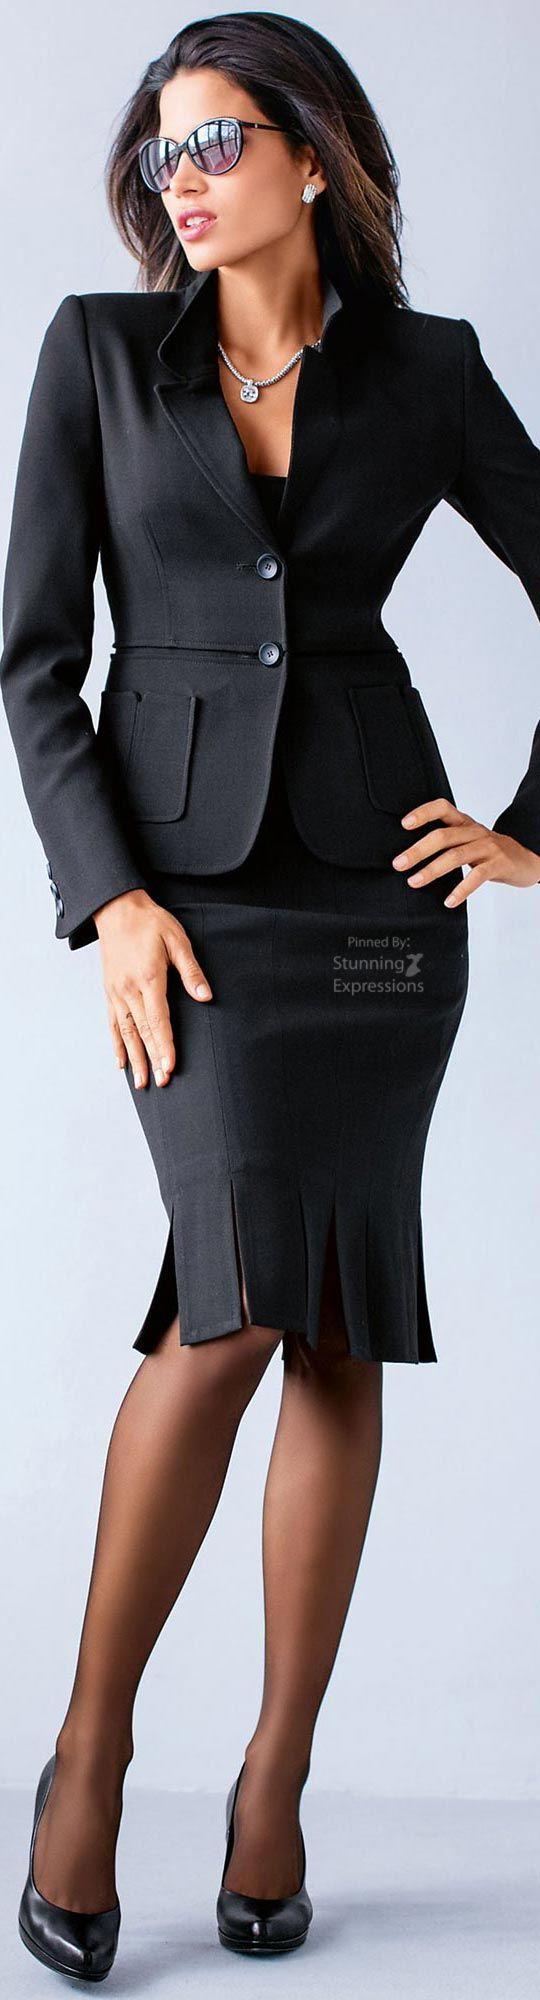 Black dress leggings history